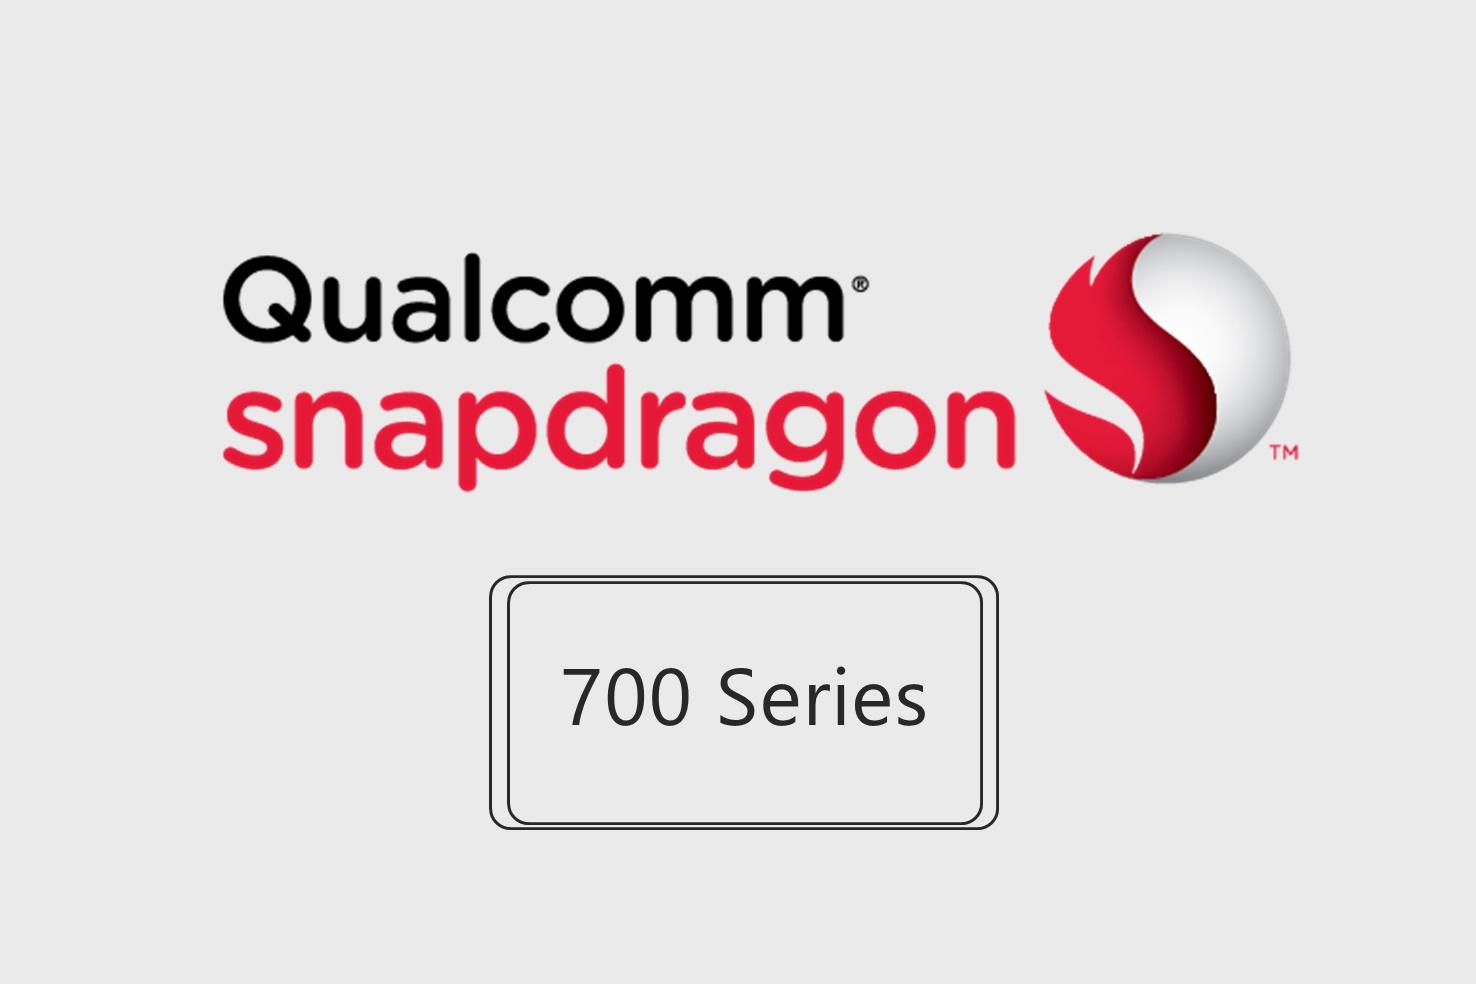 Imagem de Snapdragon 710 seria o primeiro chip da nova família 700 da Qualcomm no tecmundo